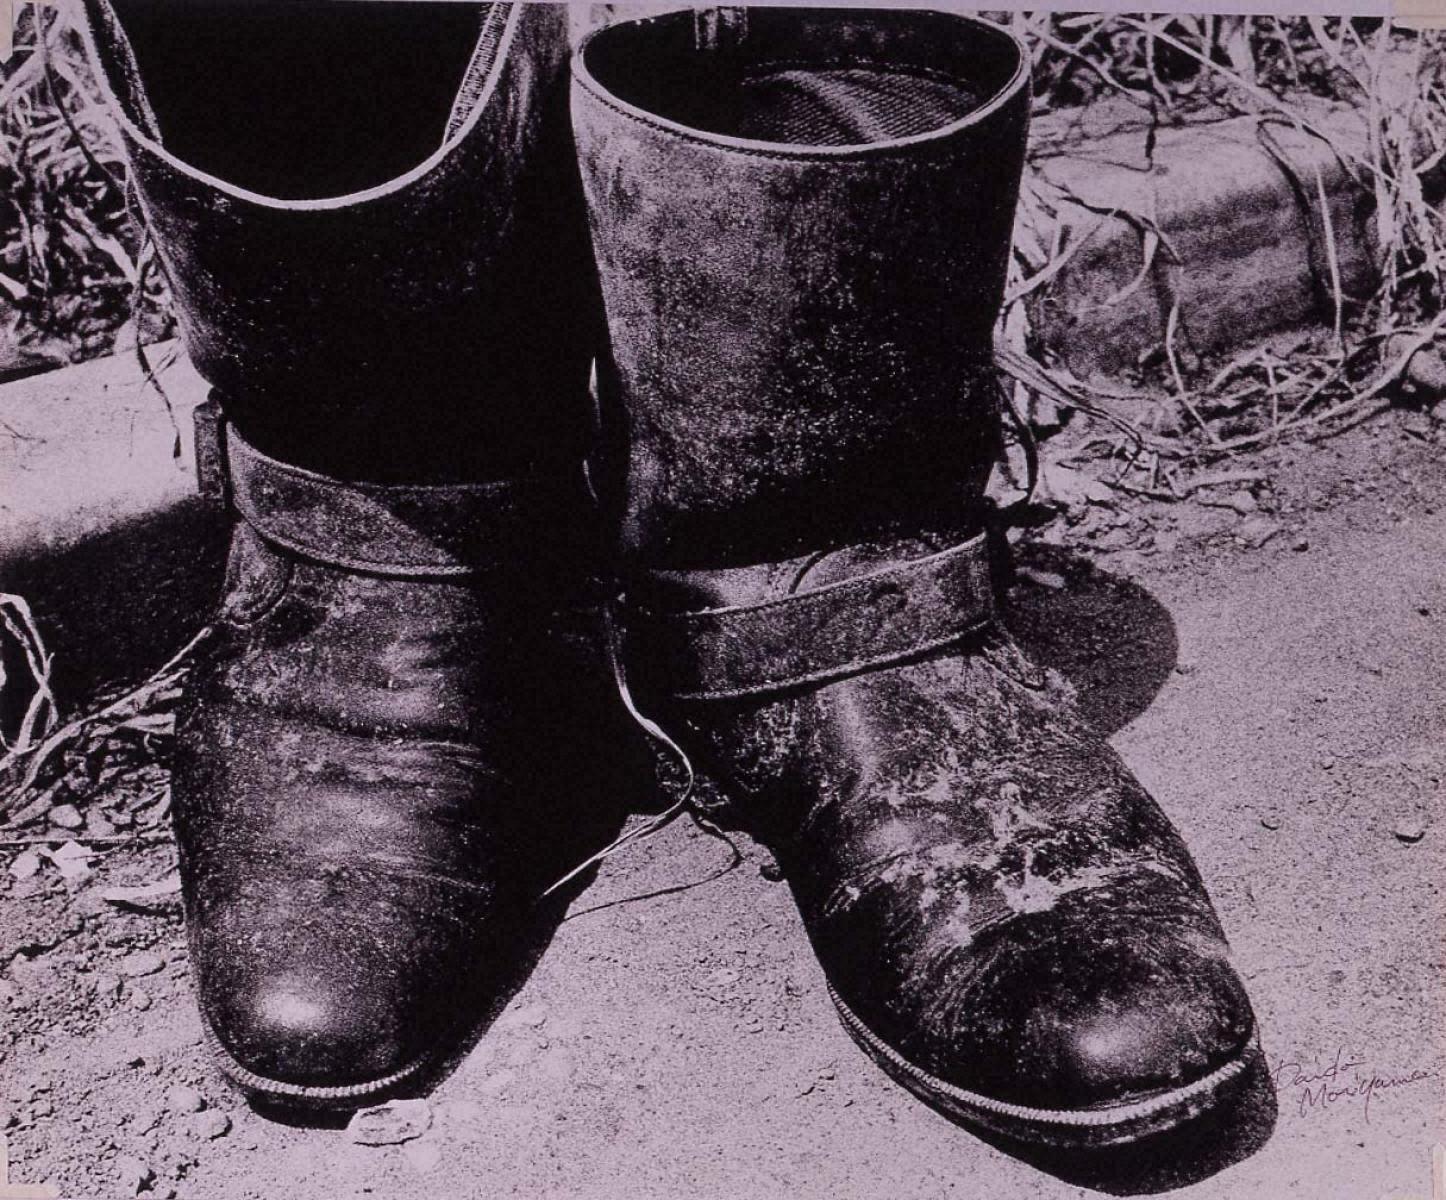 『光と影』より:靴